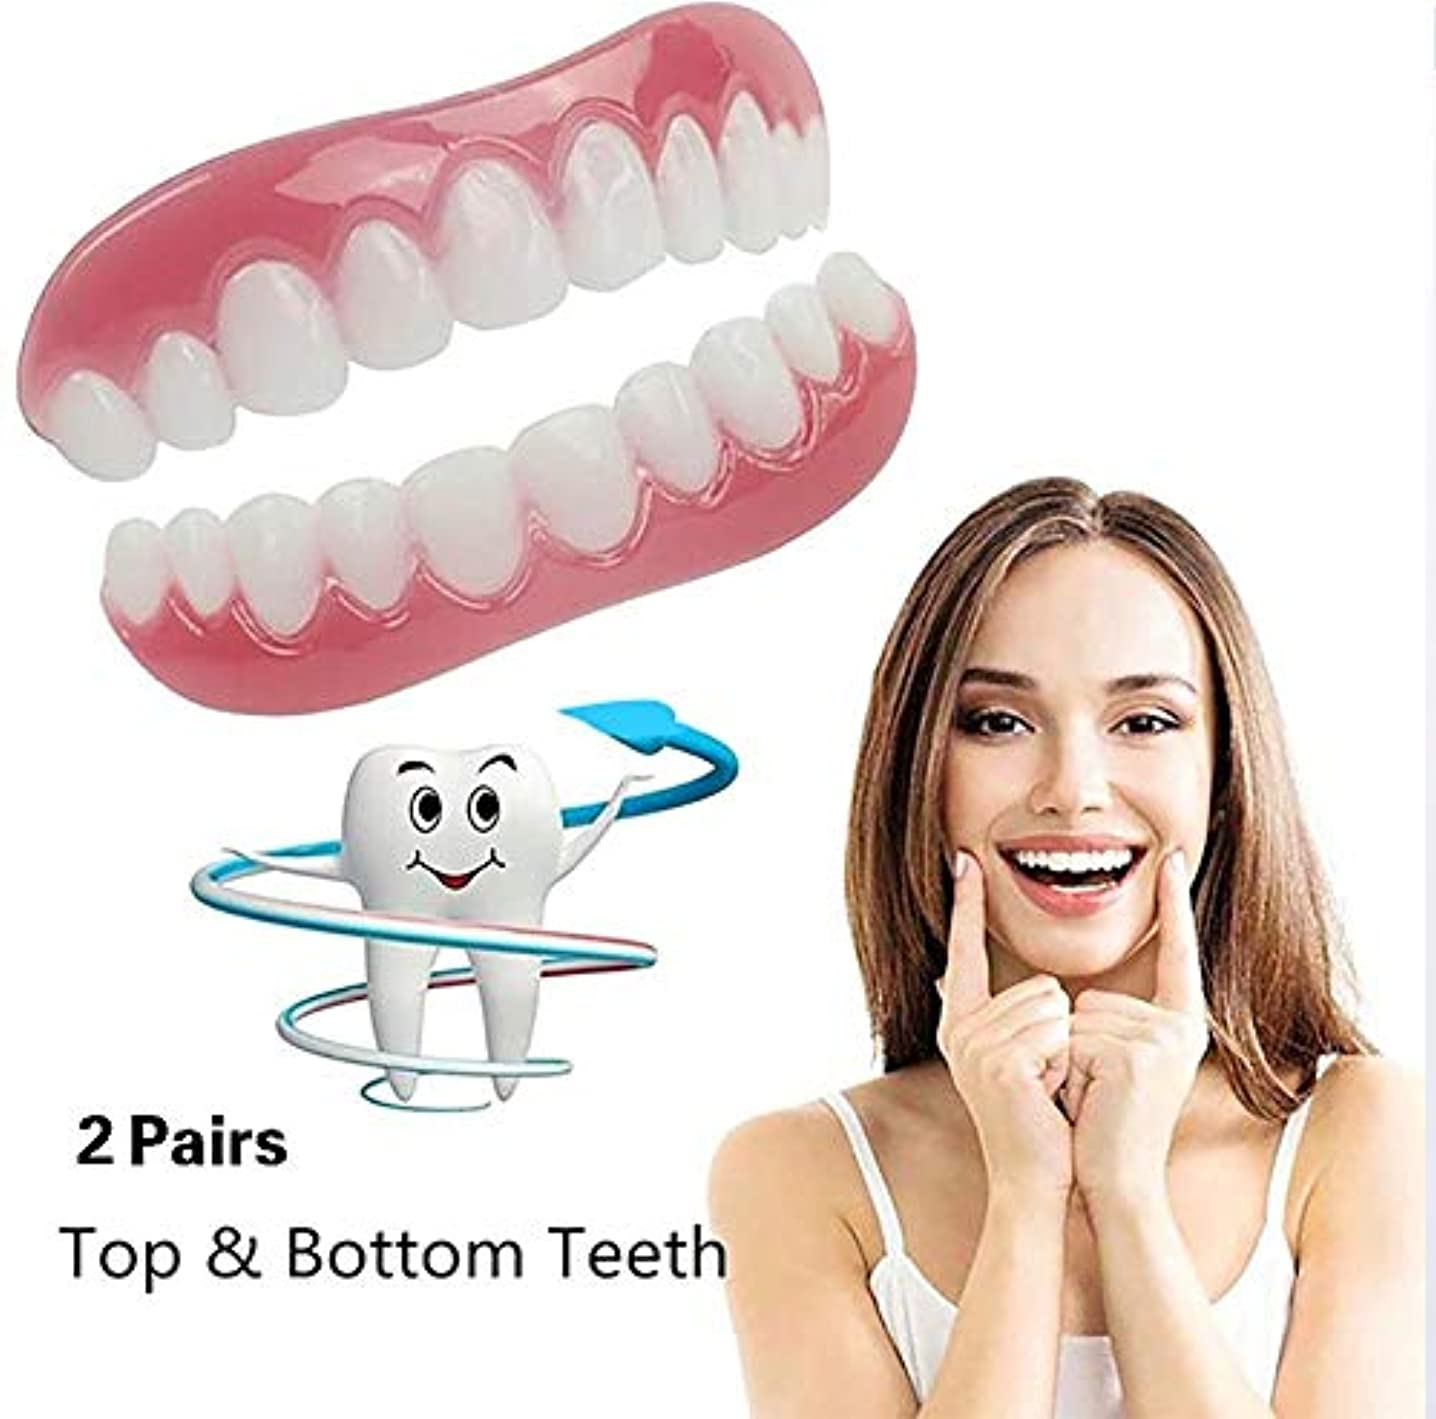 あいまいさ虚弱事故パーフェクトインスタントスマイルティースベニヤインスタントビューティー2本入れ歯2本下歯(フリーサイズ(中))